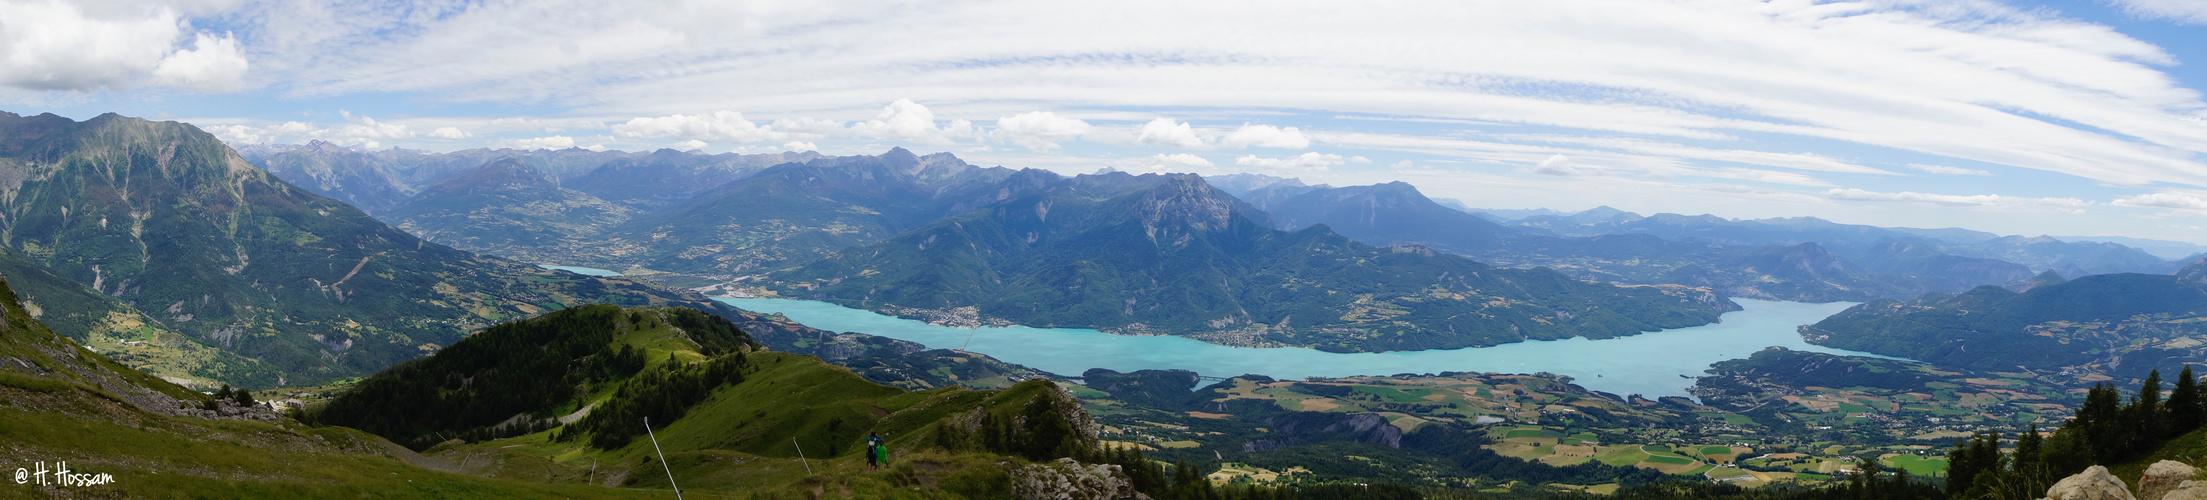 Chorges (Hautes-Alpes)